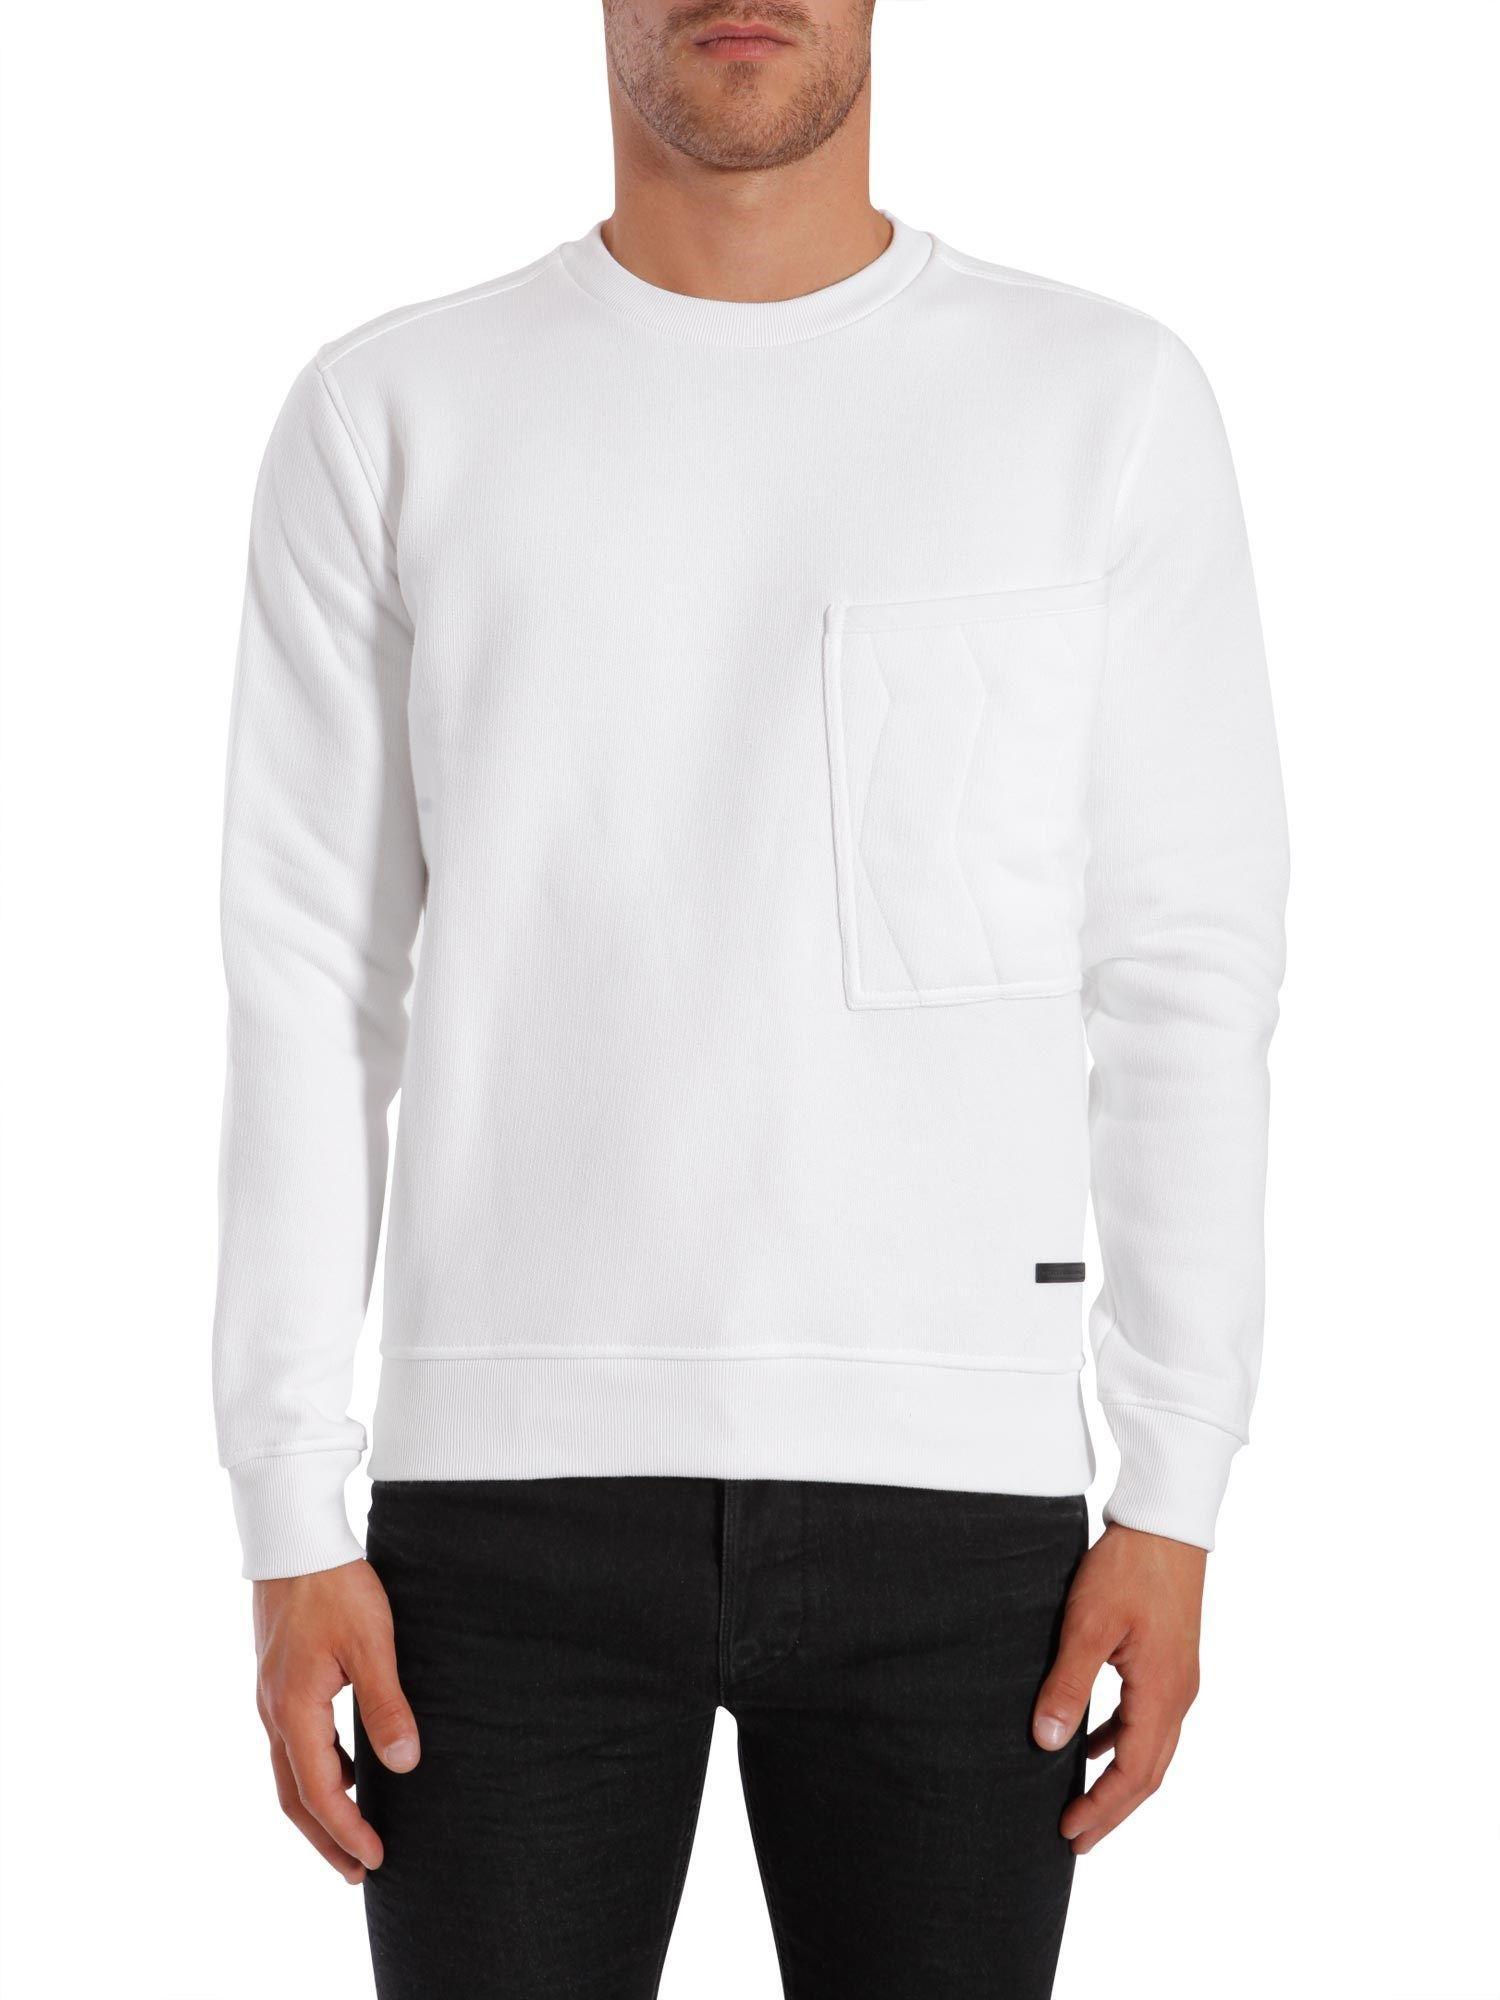 Diesel Black Gold Round Collar Sweatshirt In Bianco